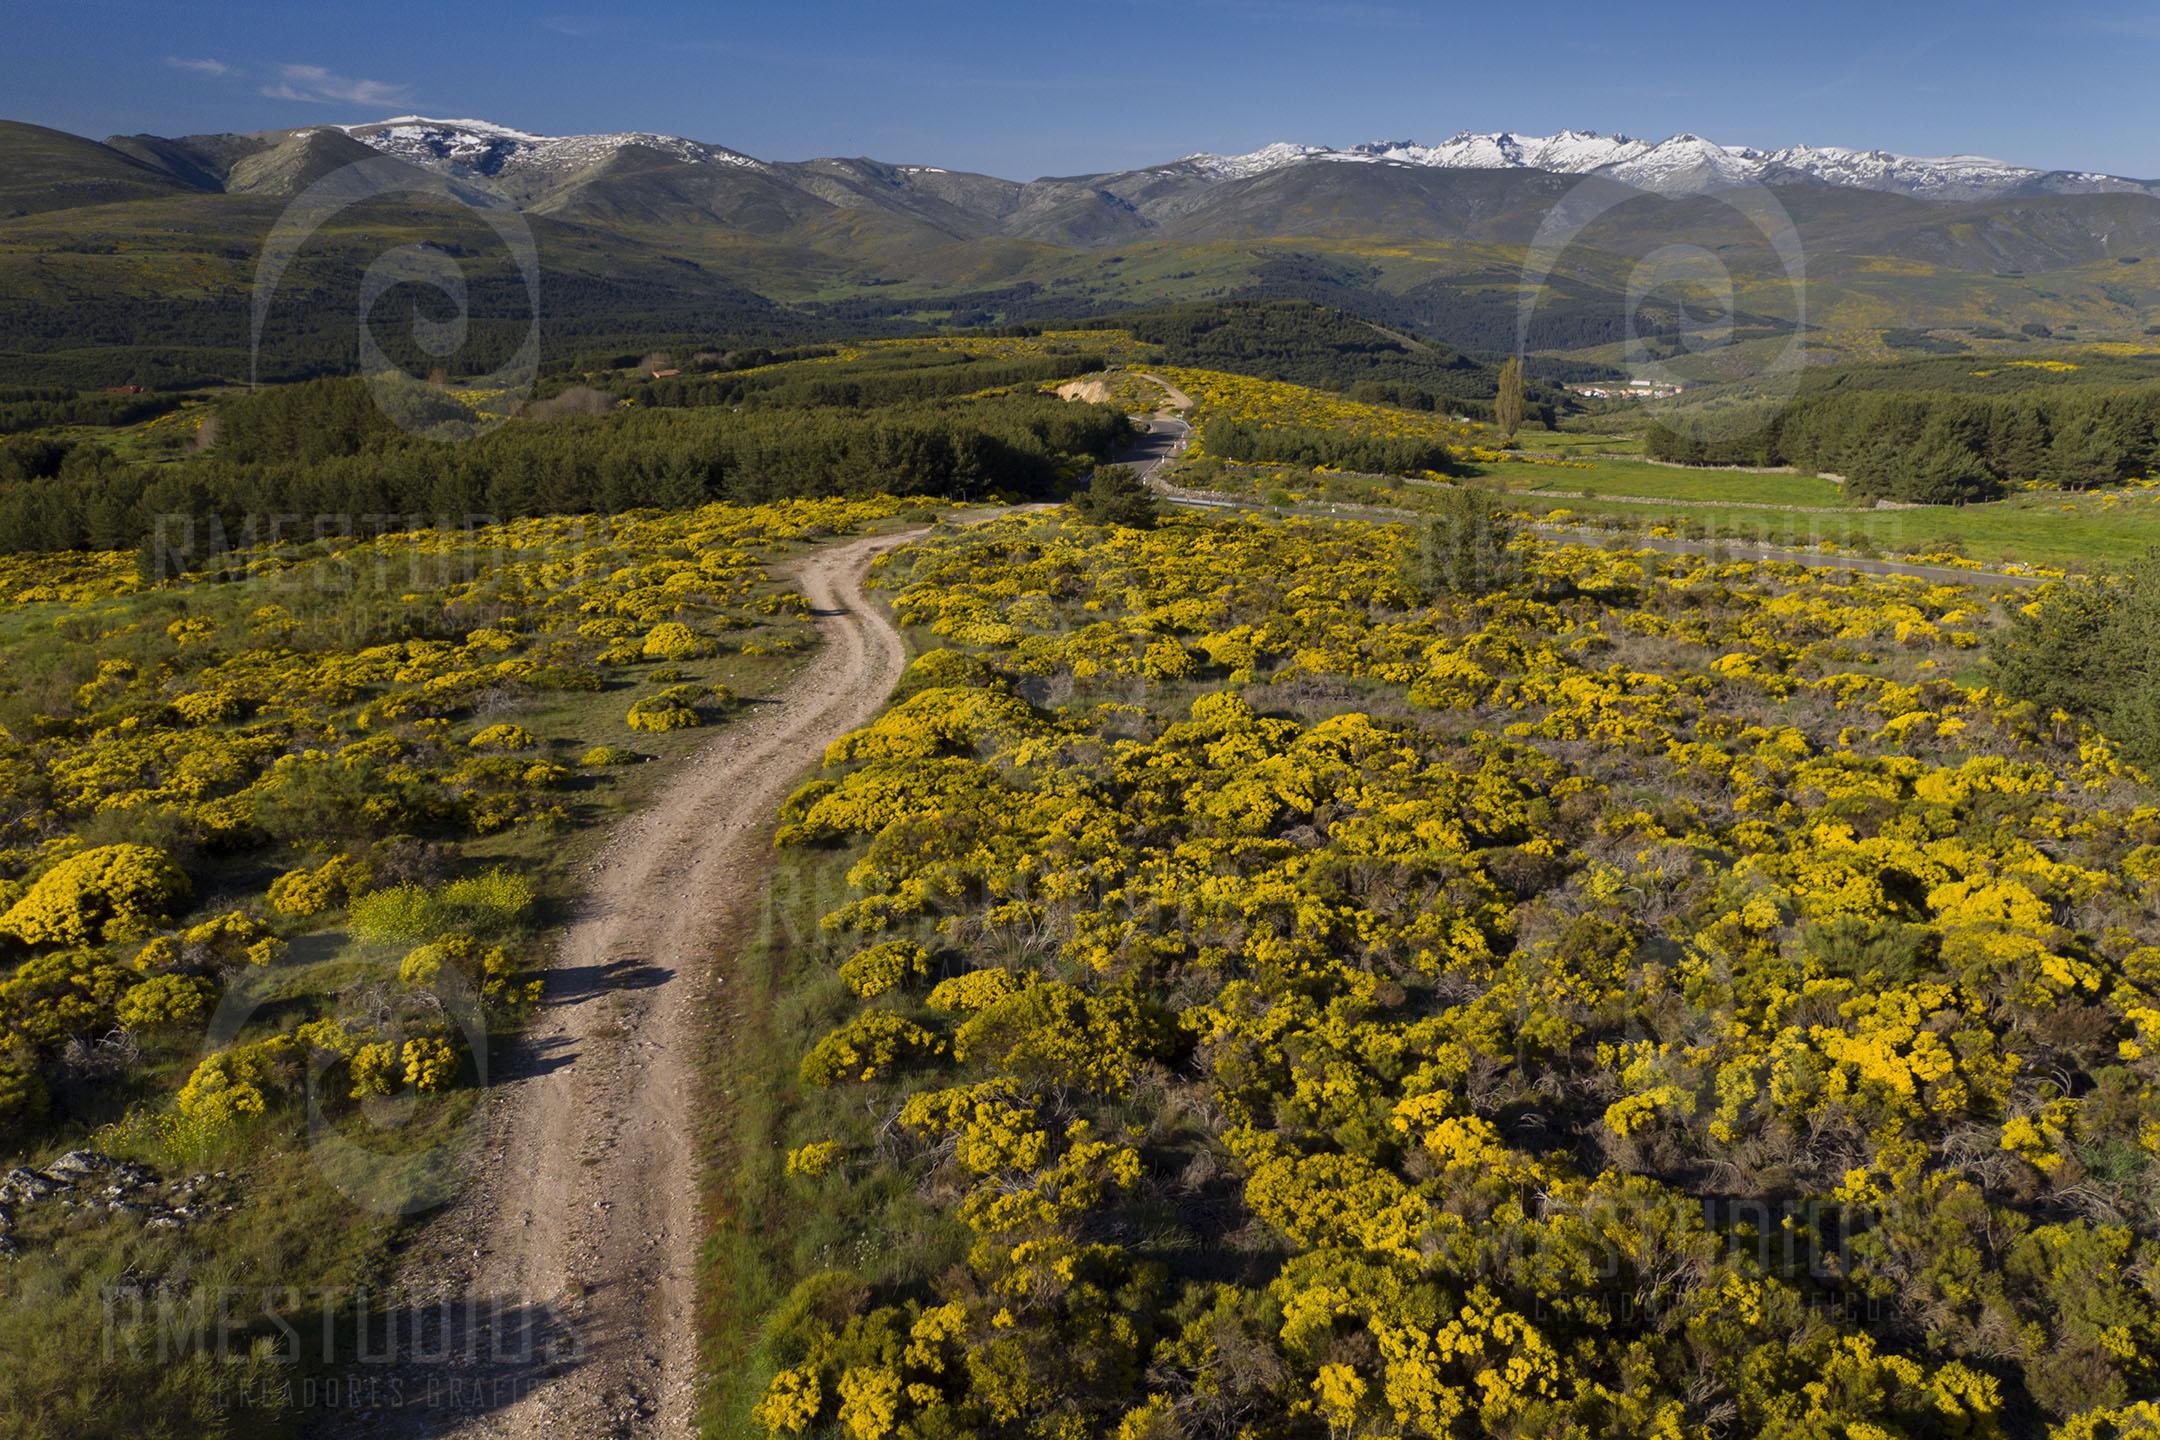 Sierra de Gredos con nieve y piornos en flor